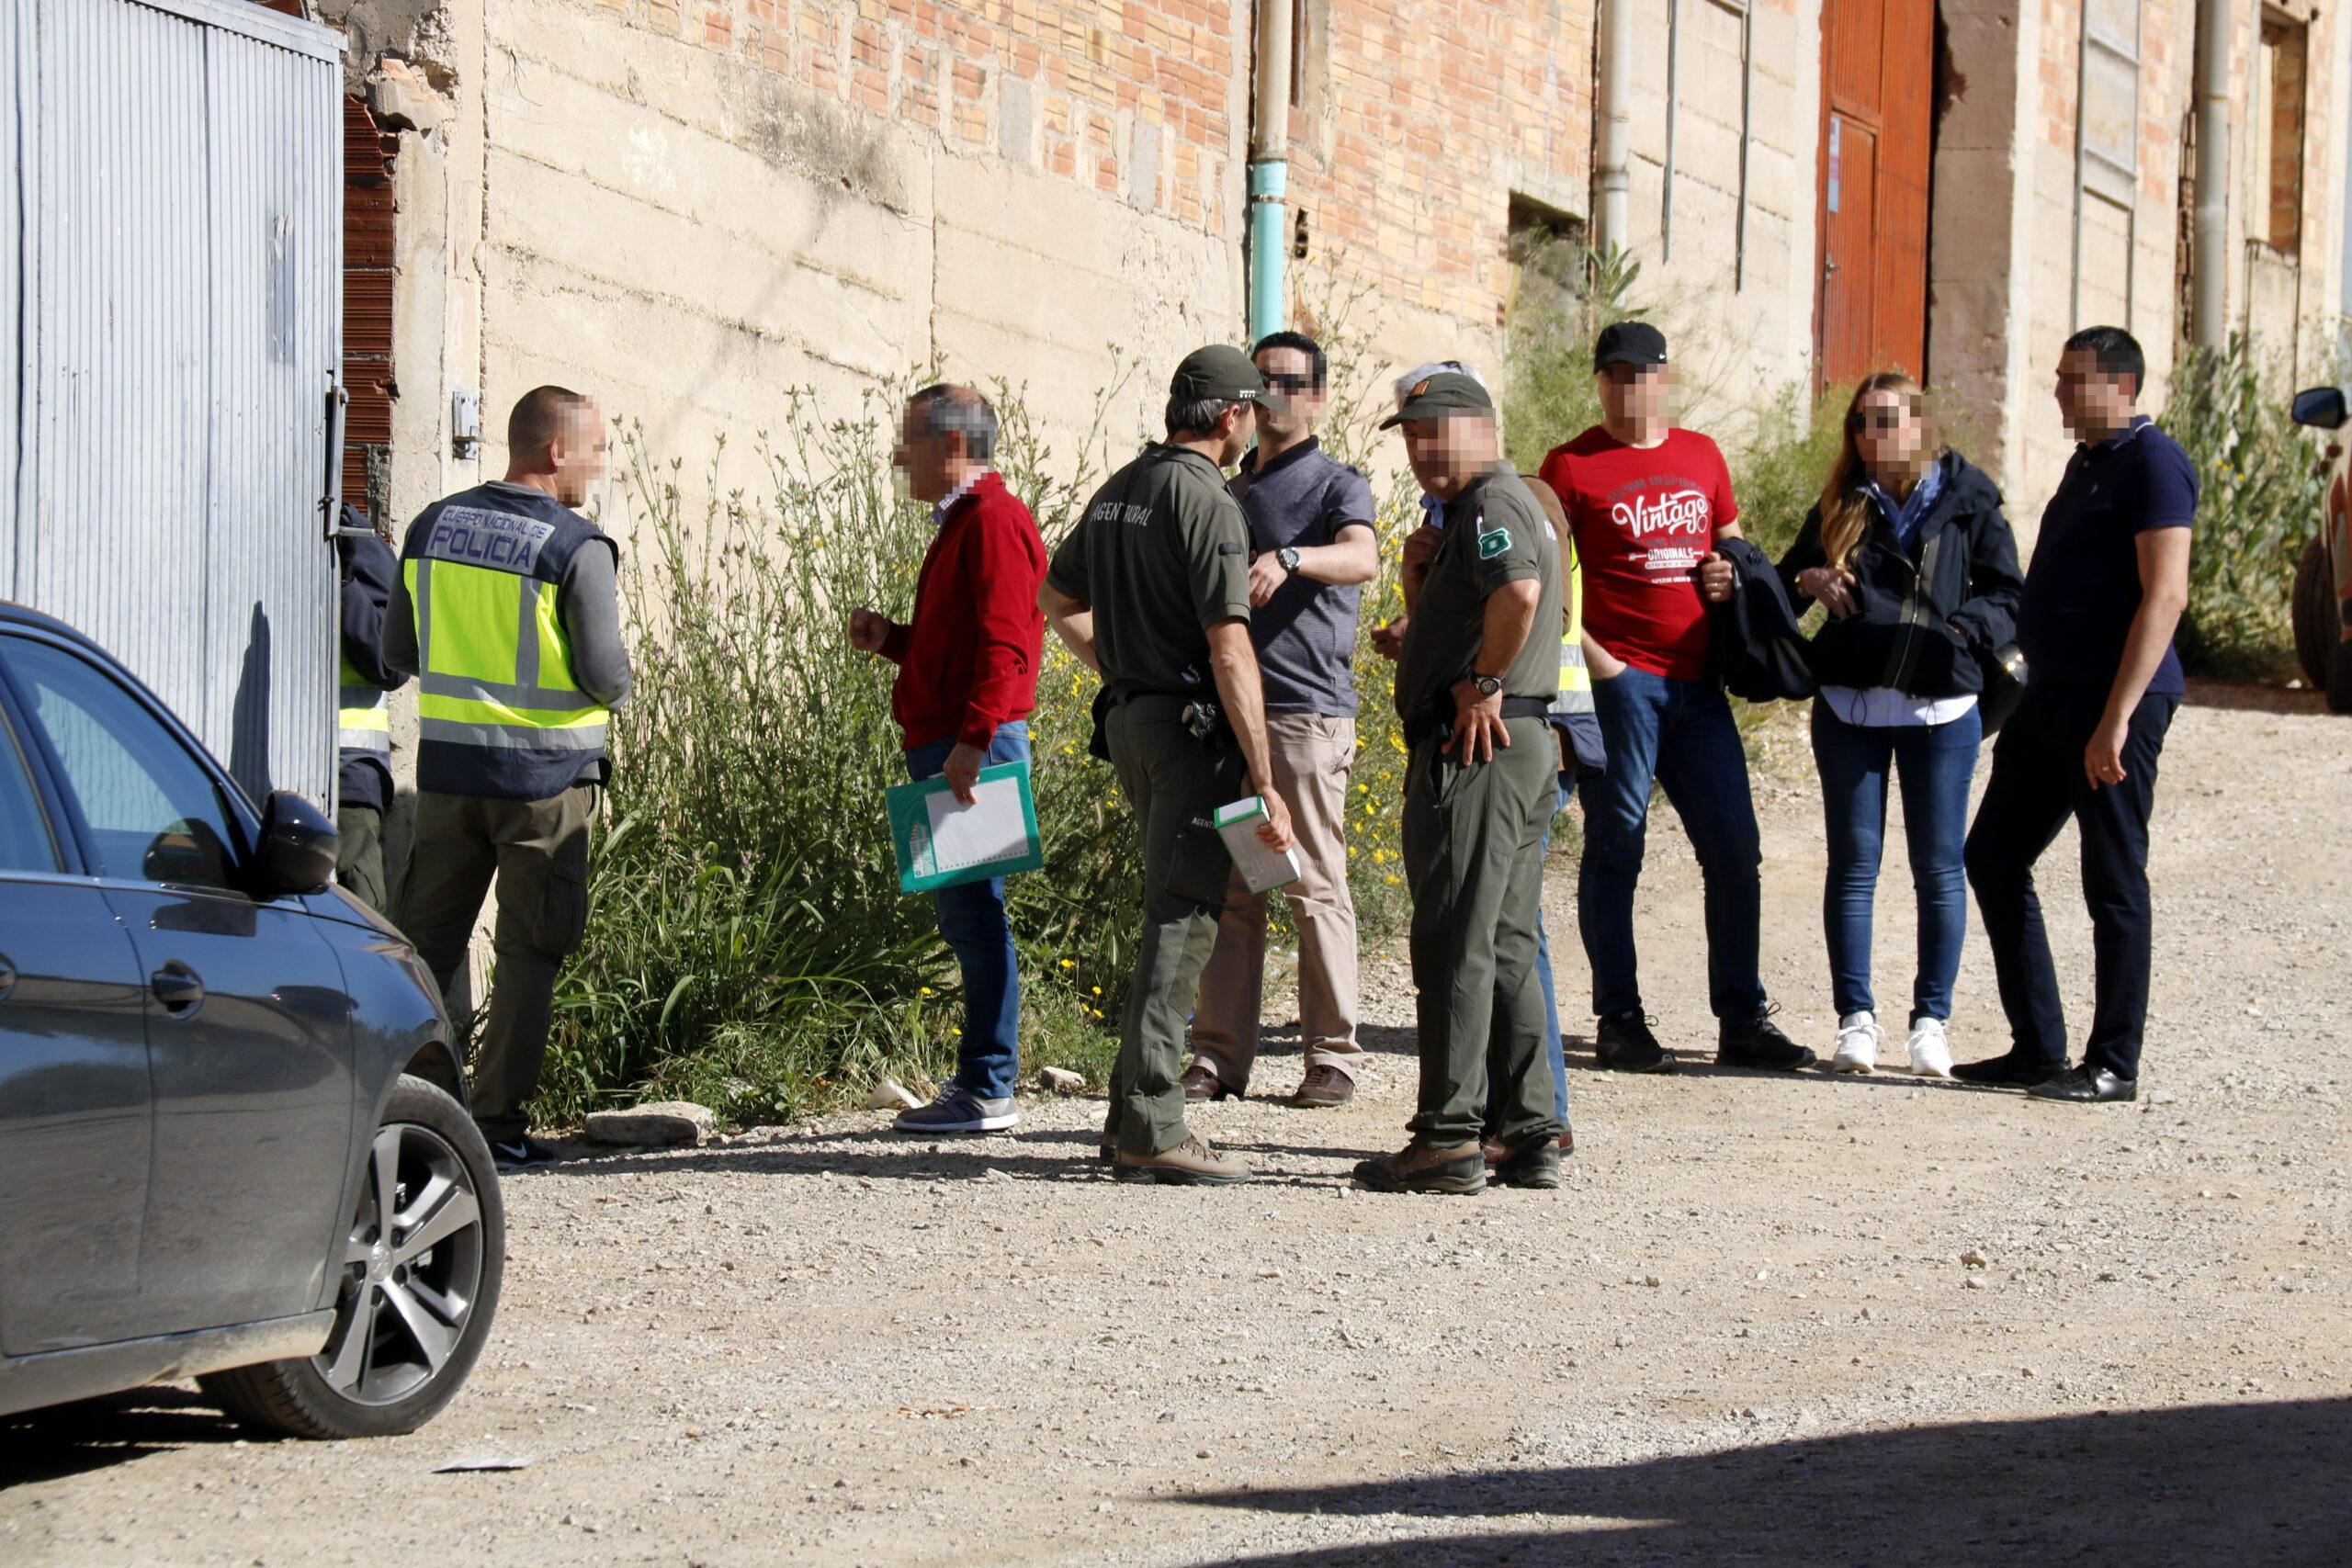 Pla mitjà on es poden veure agents de la policia espanyola amb Agents Rurals a la porta d'accés del magatzem de Bell-lloc d'Urgell on s'han detingut quatre persones per delictes de tràfic de silurs, el 14 de maig de 2019. (Horitzontal)